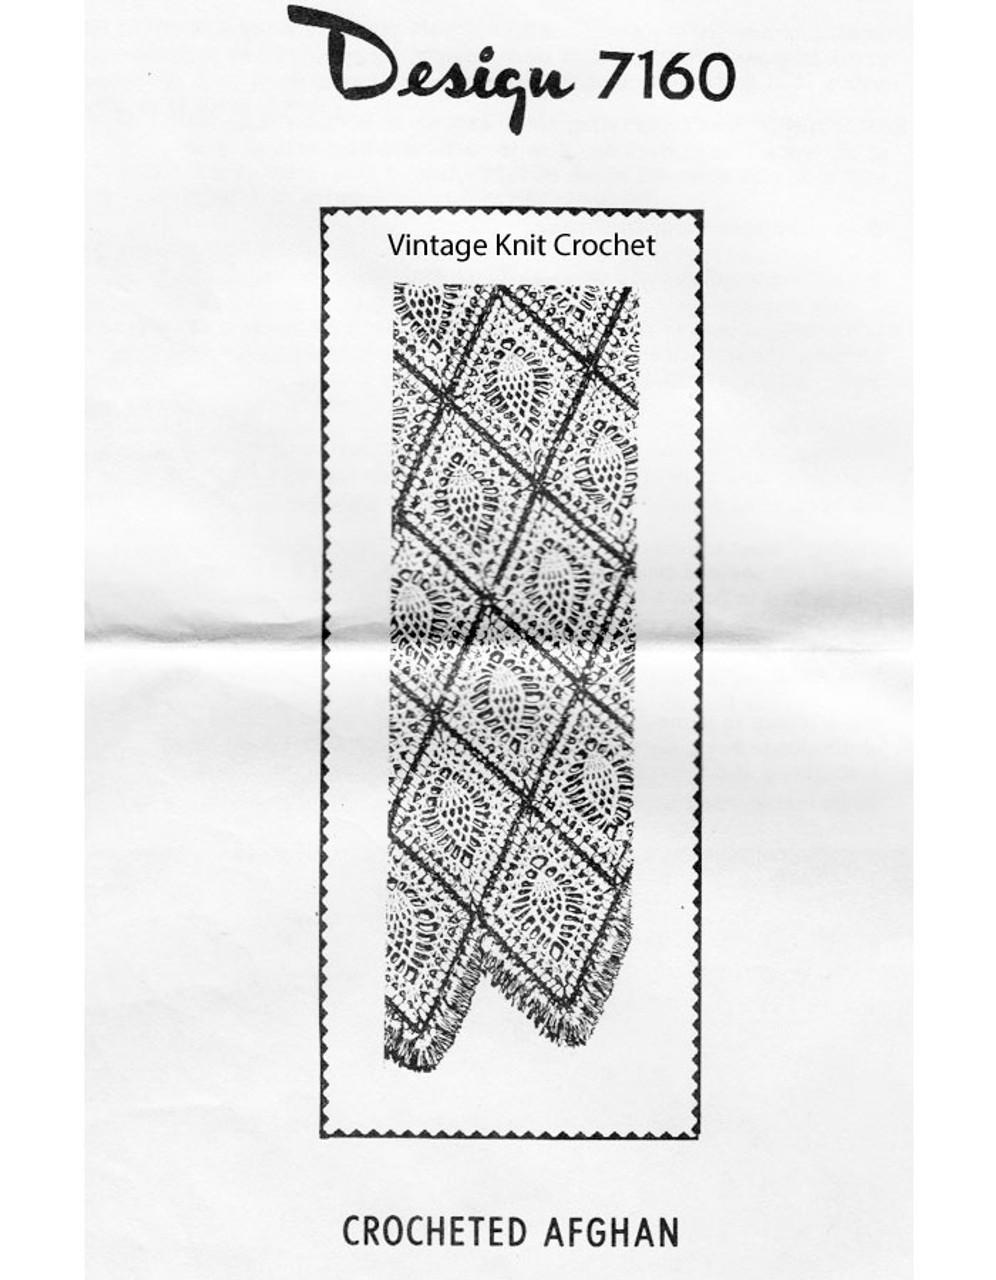 Crochet Pineapple Blanket Pattern, Mail Order 7160